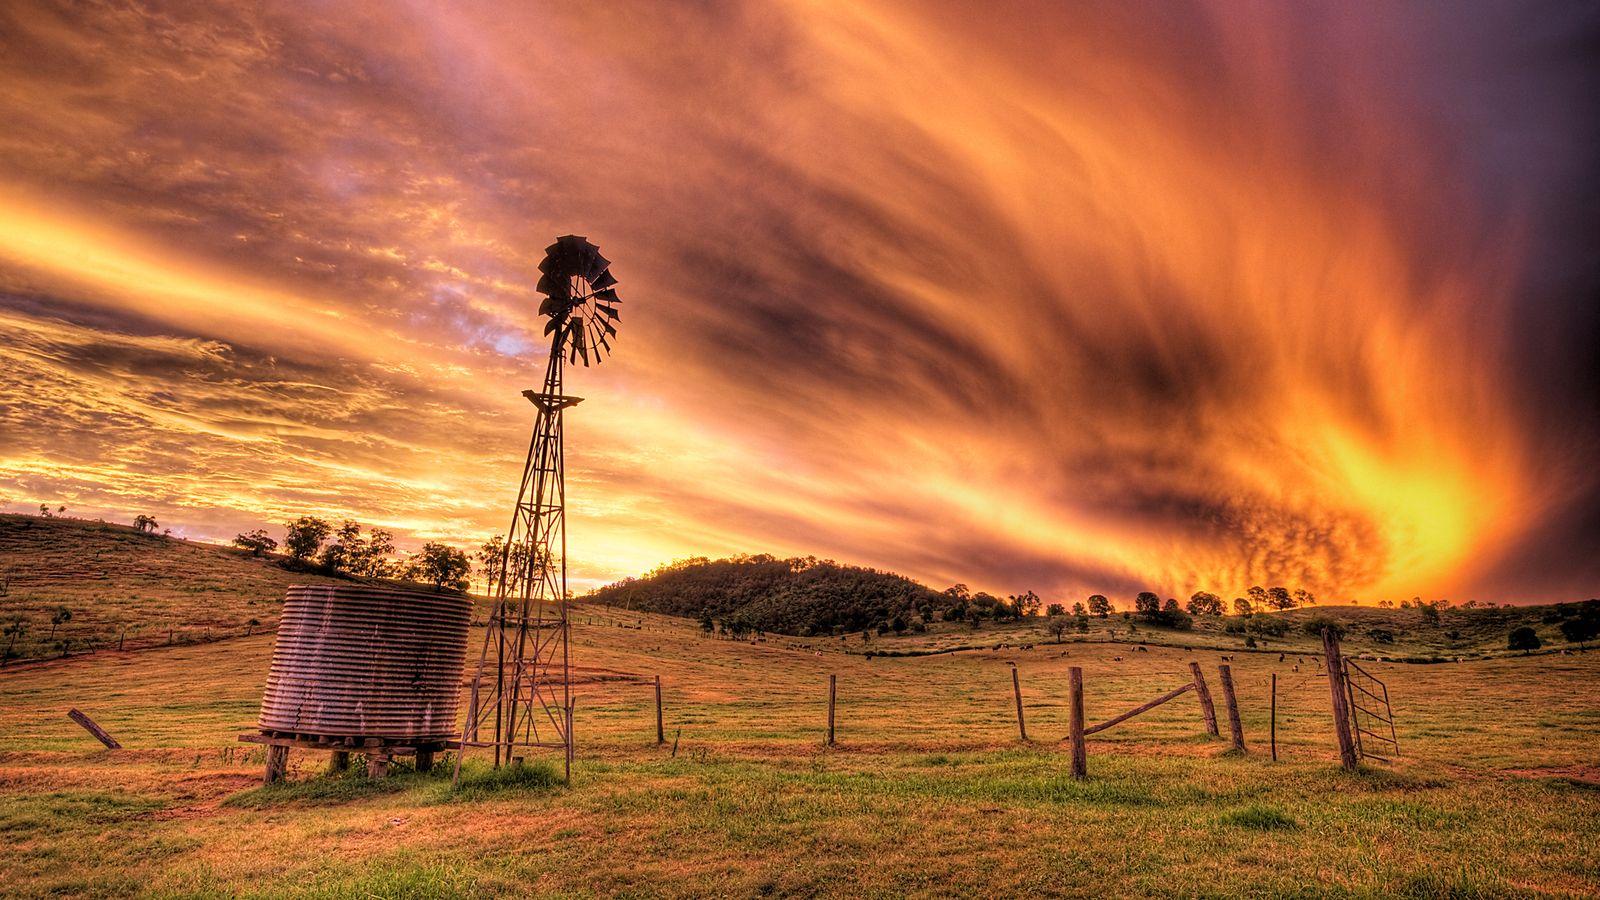 Texas Landscape Wallpapers   Top Texas Landscape Backgrounds 1600x900